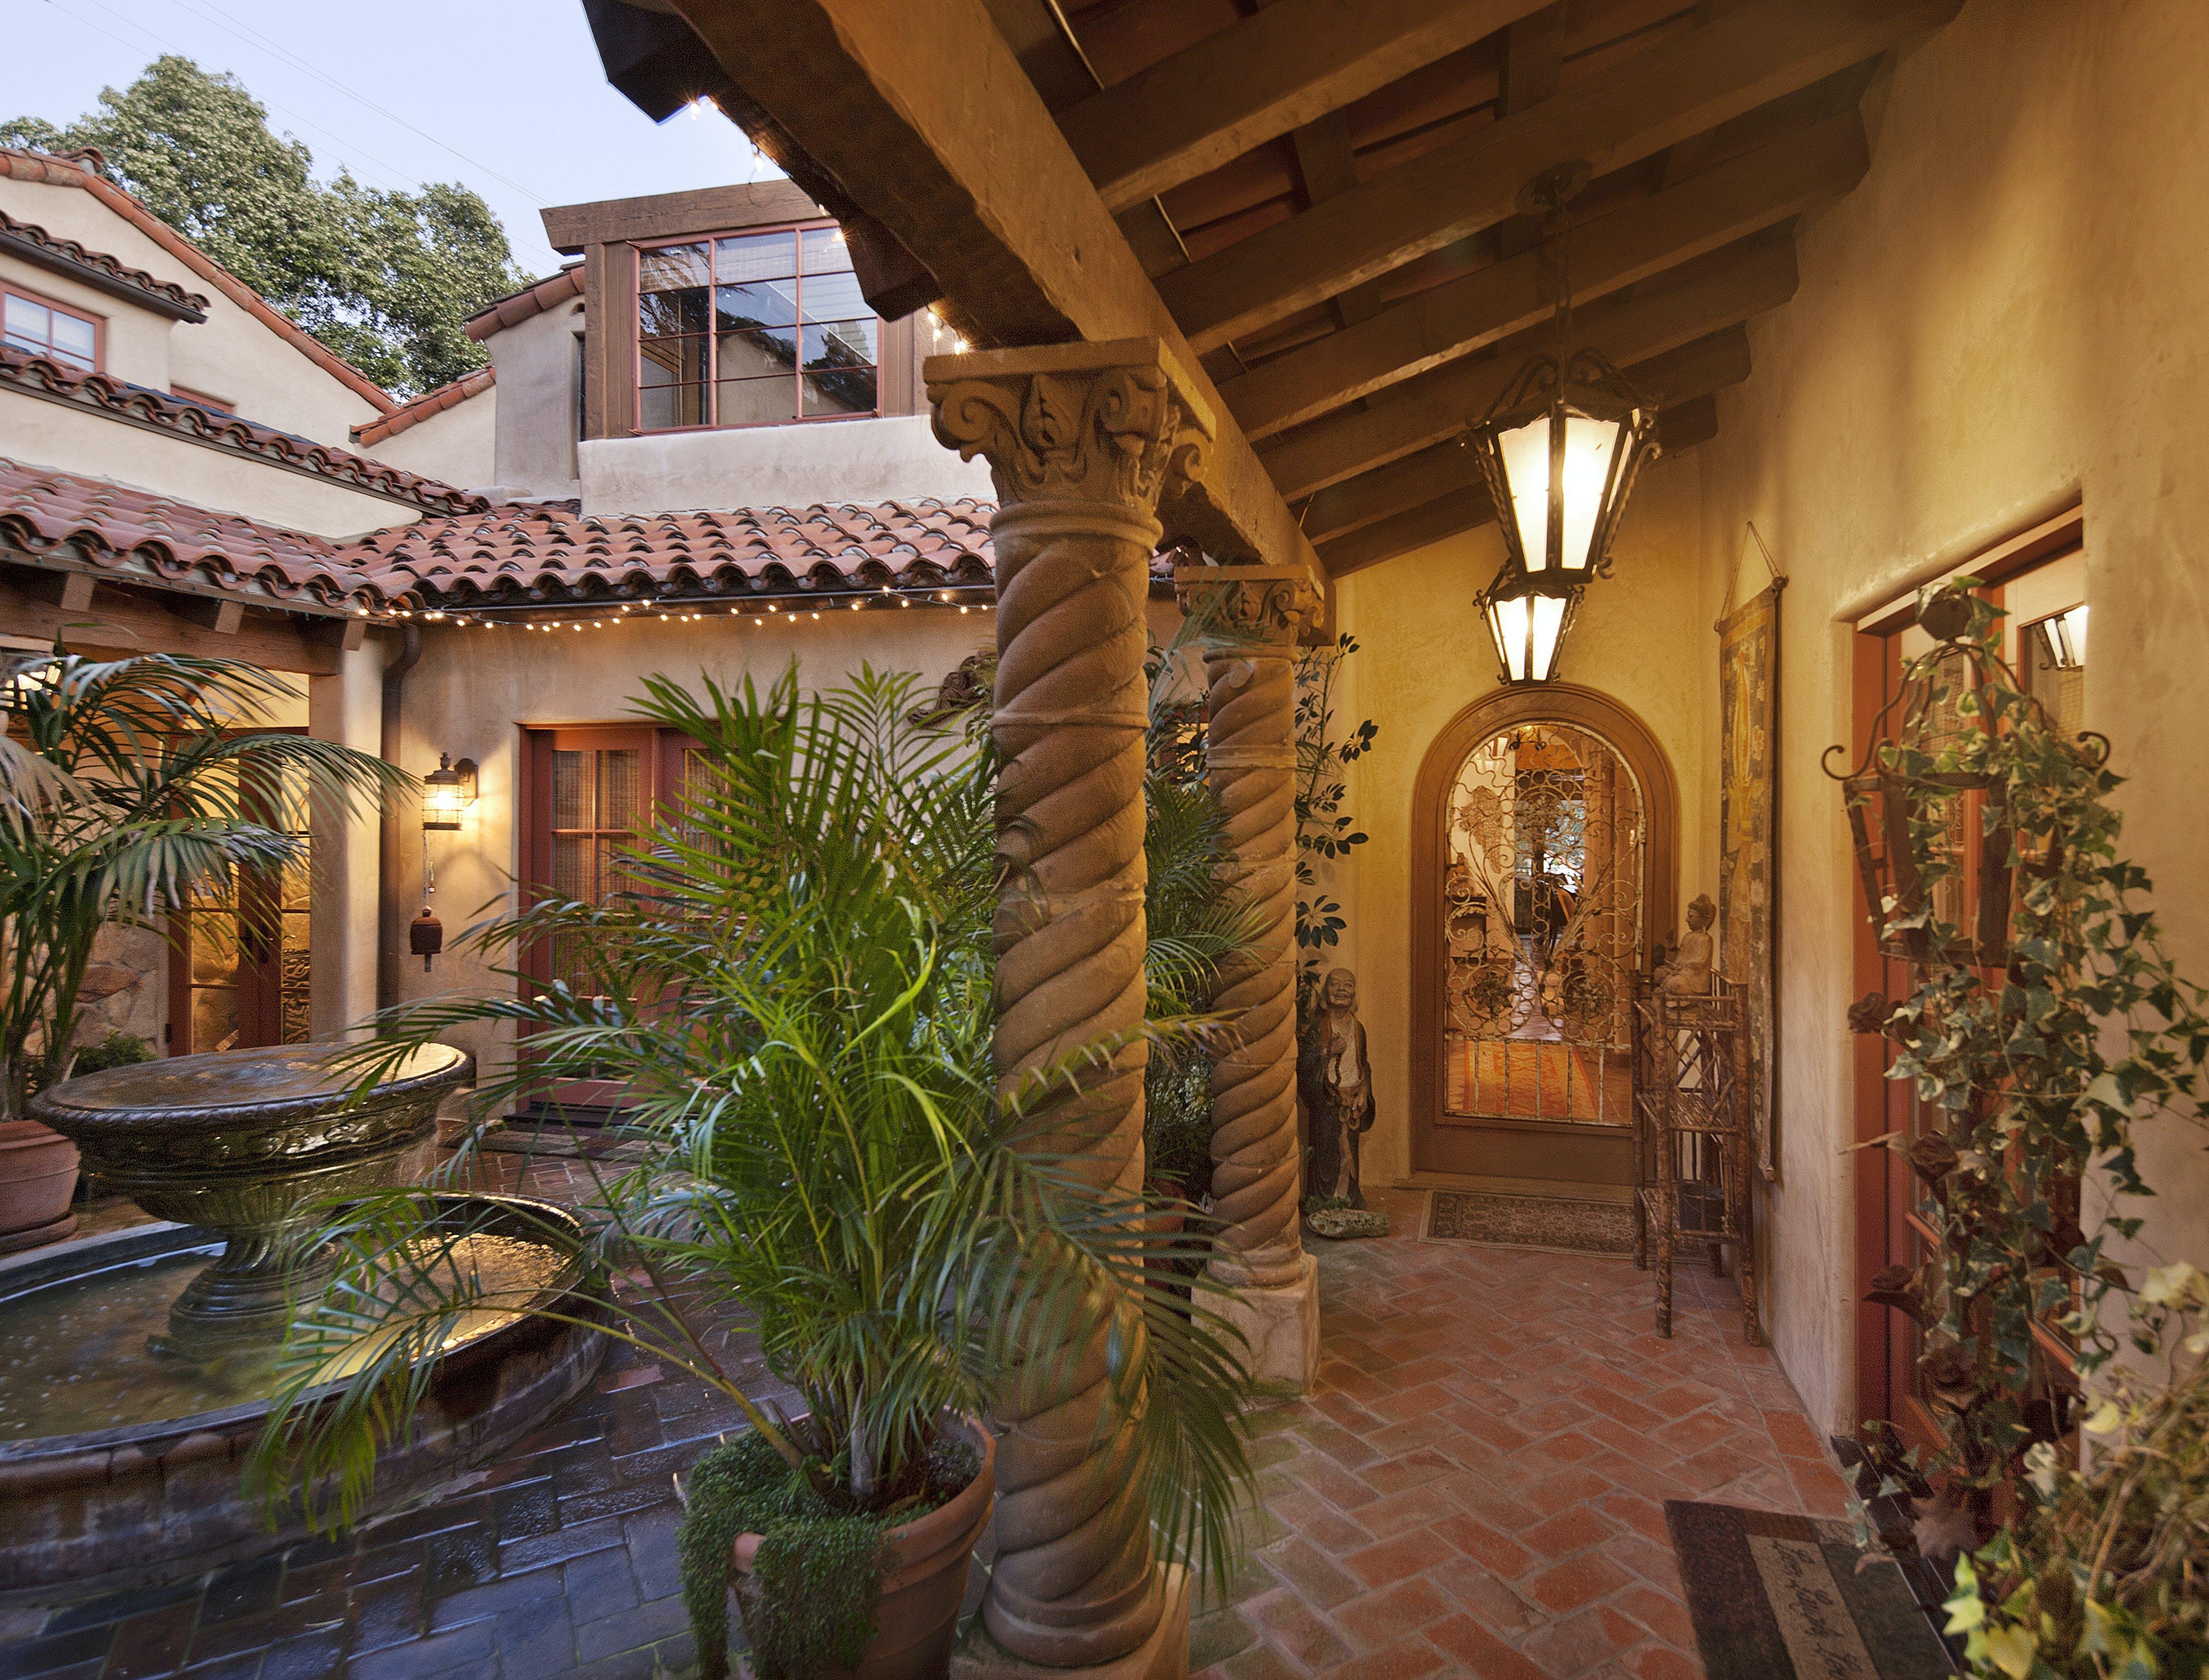 spanish revival residence